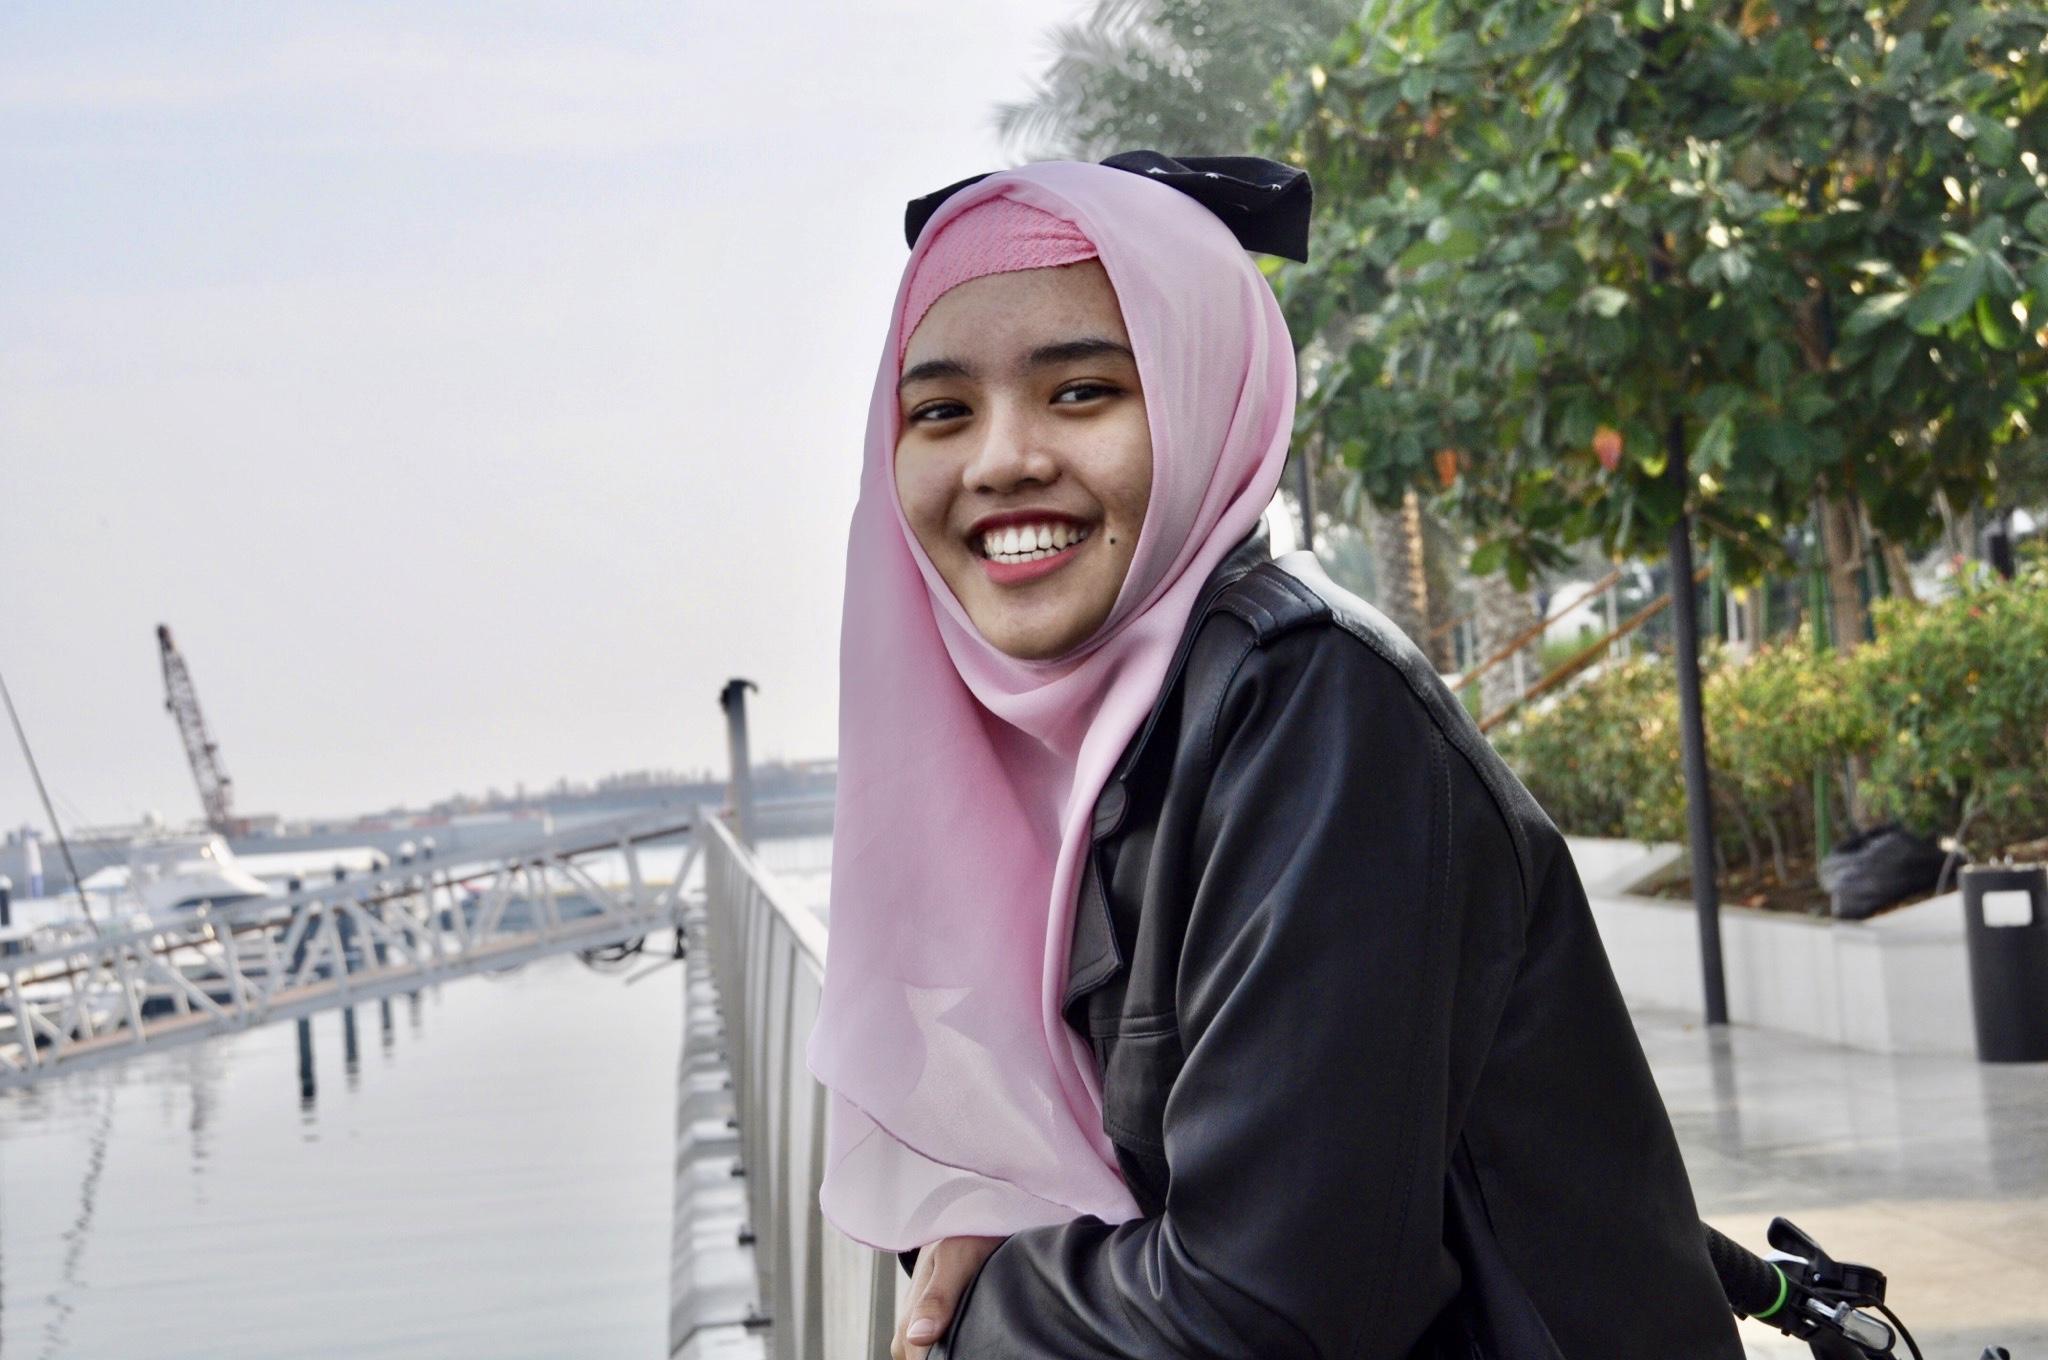 conchita helloconchita hijab hijaber muslimah fashion style muslim